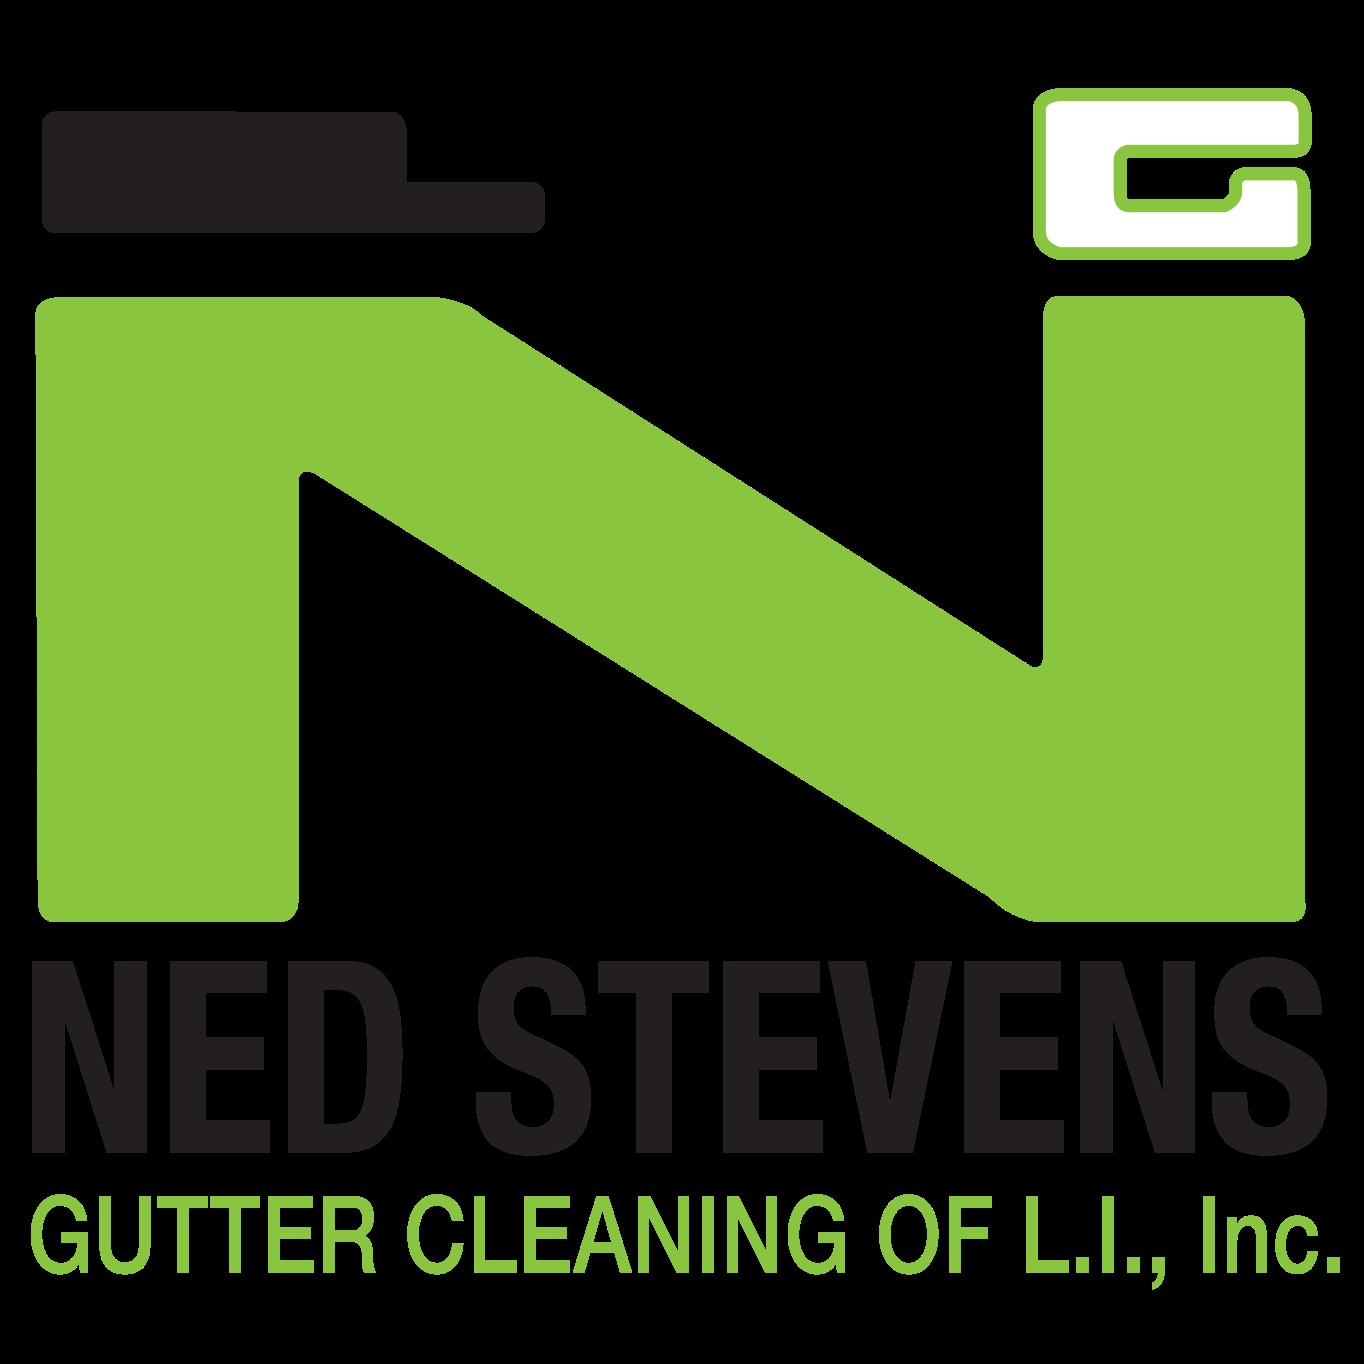 Ned Stevens Gutter Cleaning of Long Island, Inc.